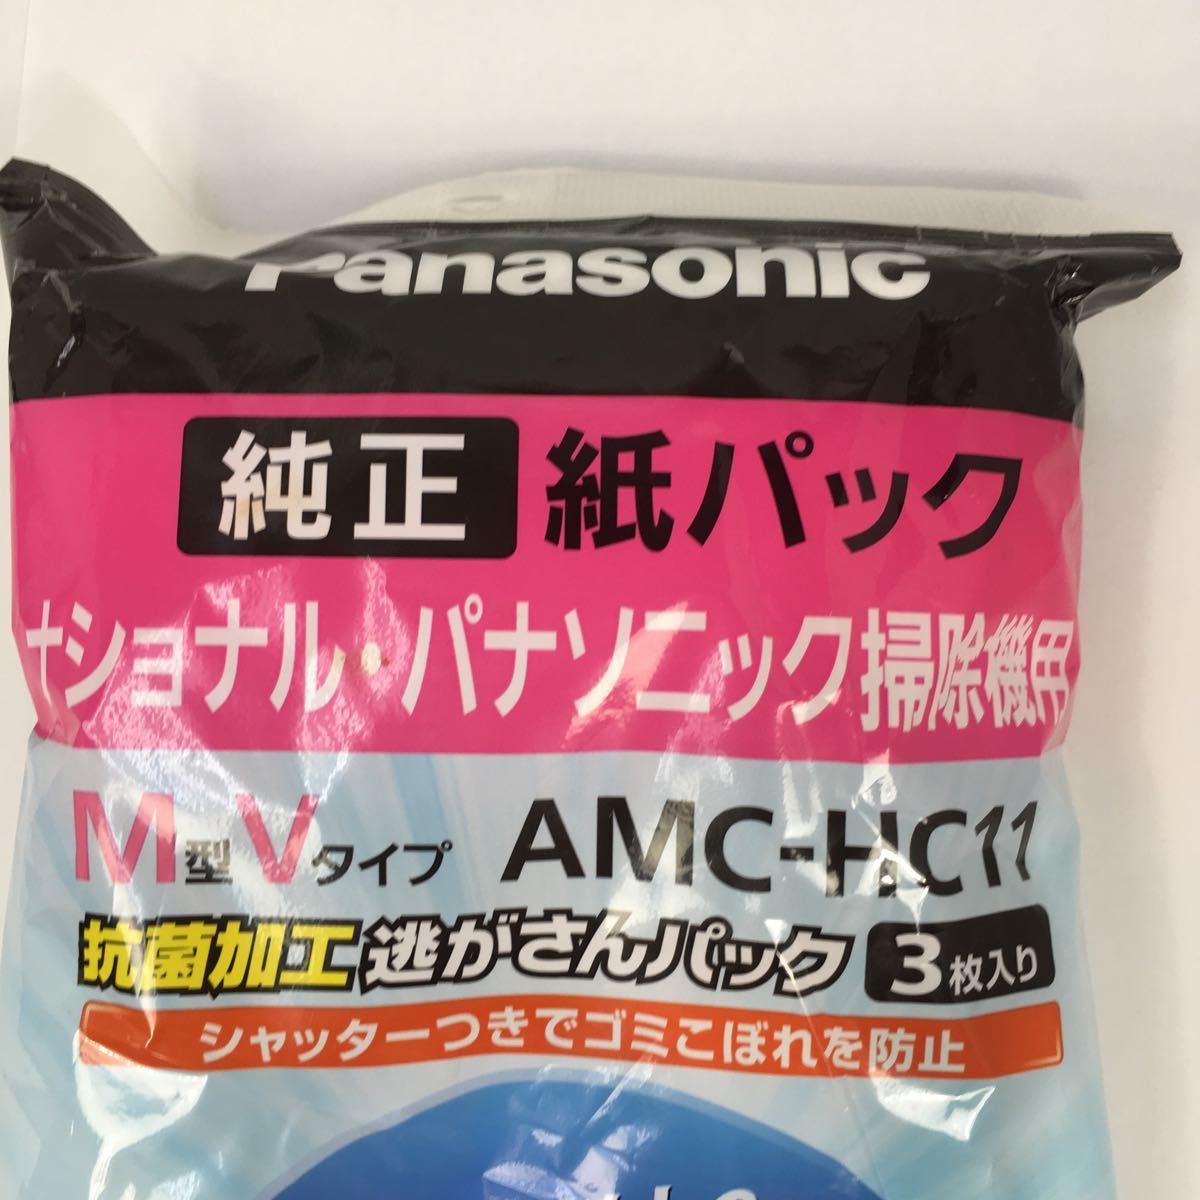 【未使用品】【送料無料】Panasonic/パナソニック 純正紙パック M型 Vタイプ AMC-HC11 3枚入り 2袋_画像2